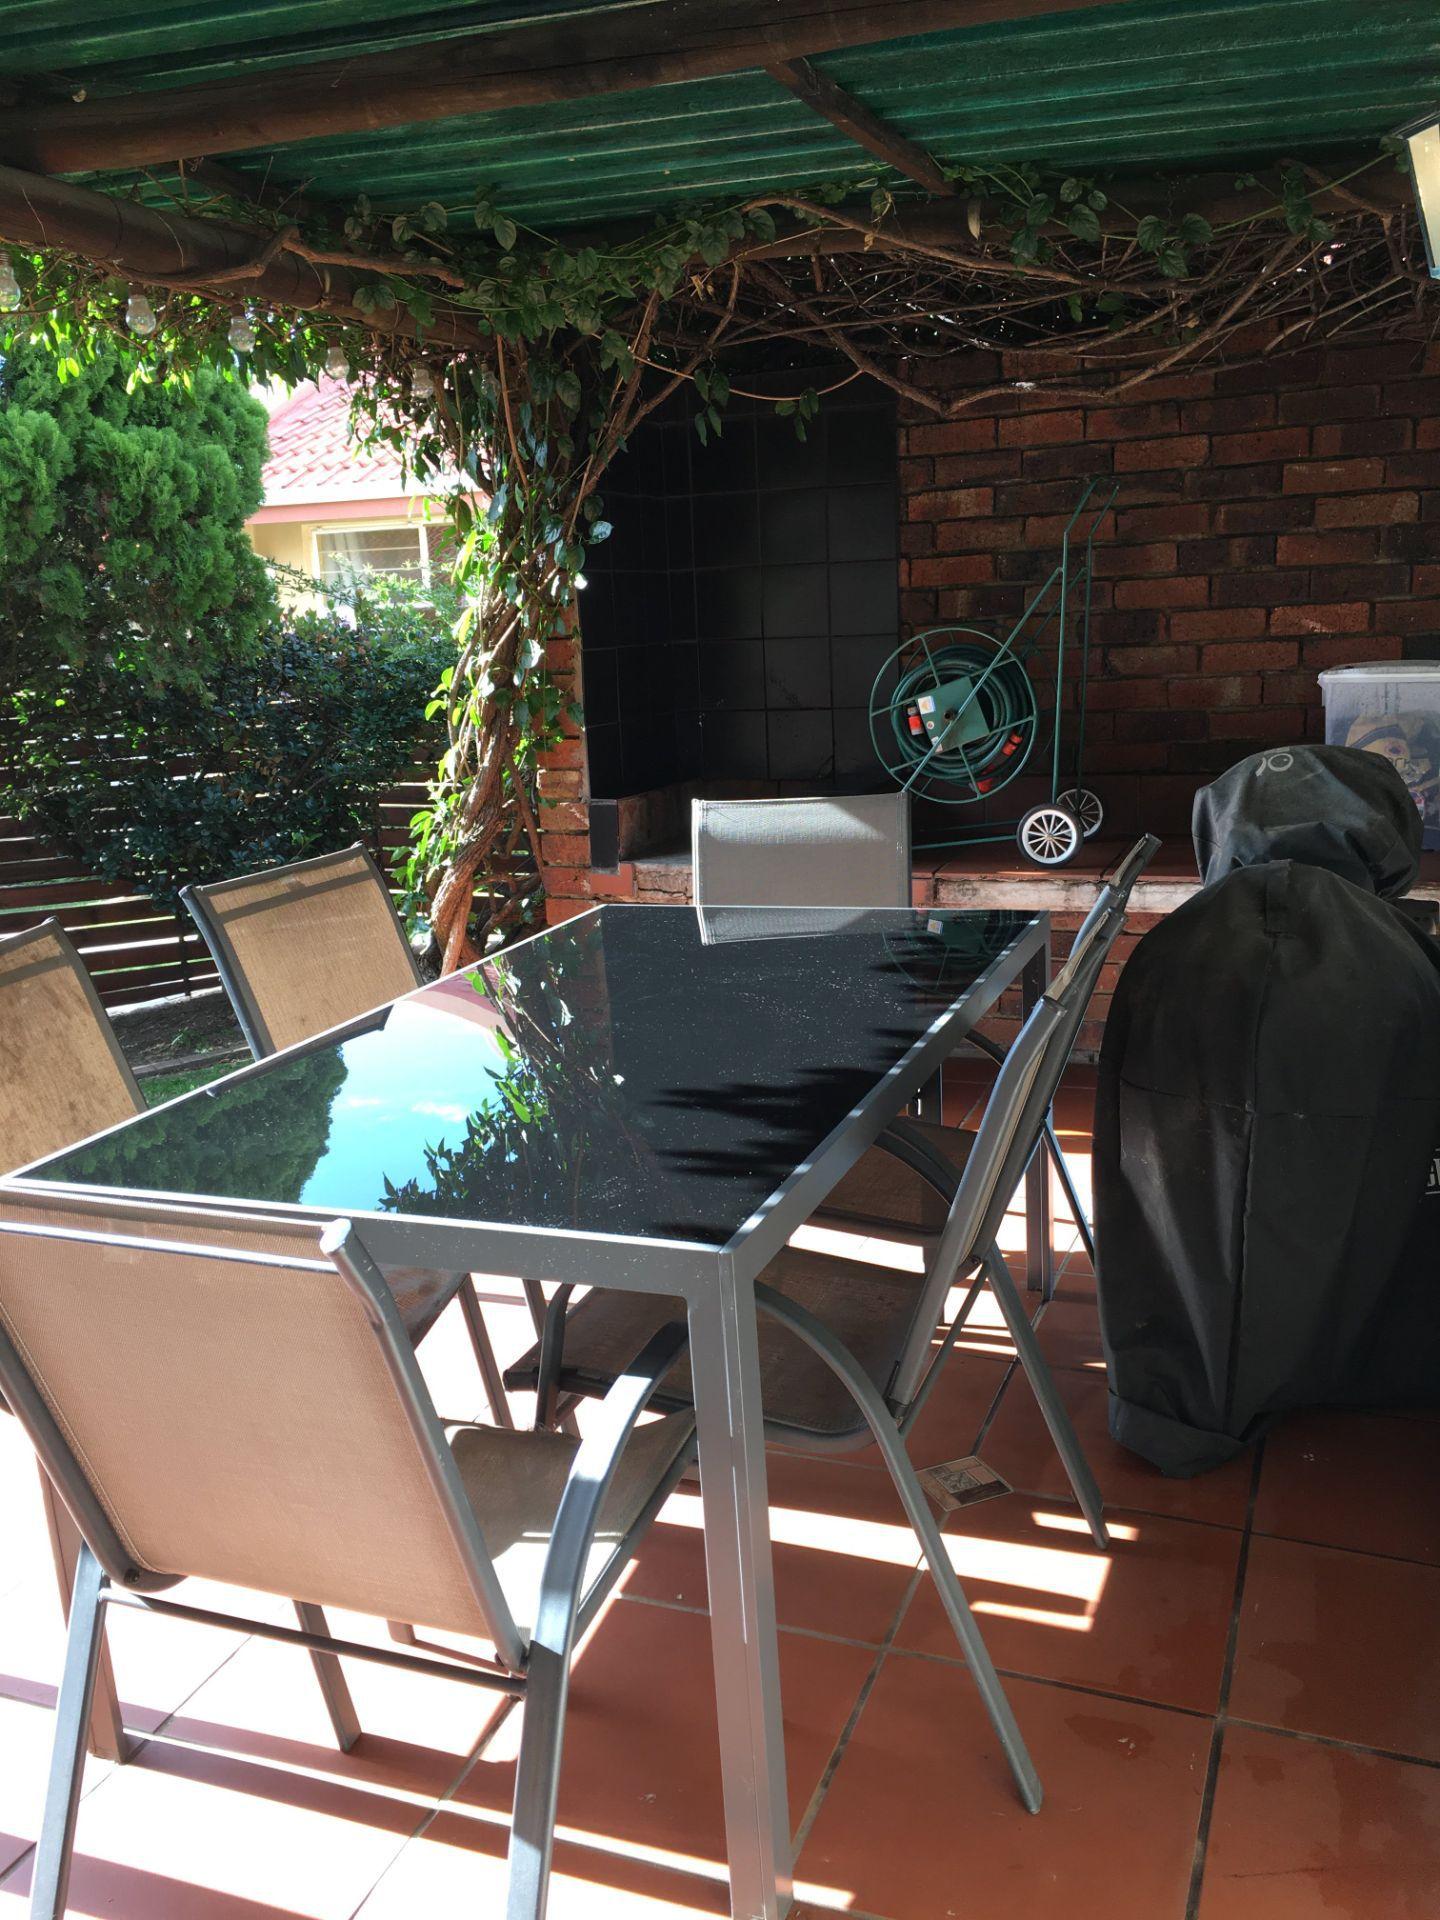 25_VT 23 Patio and Garden_1.JPG